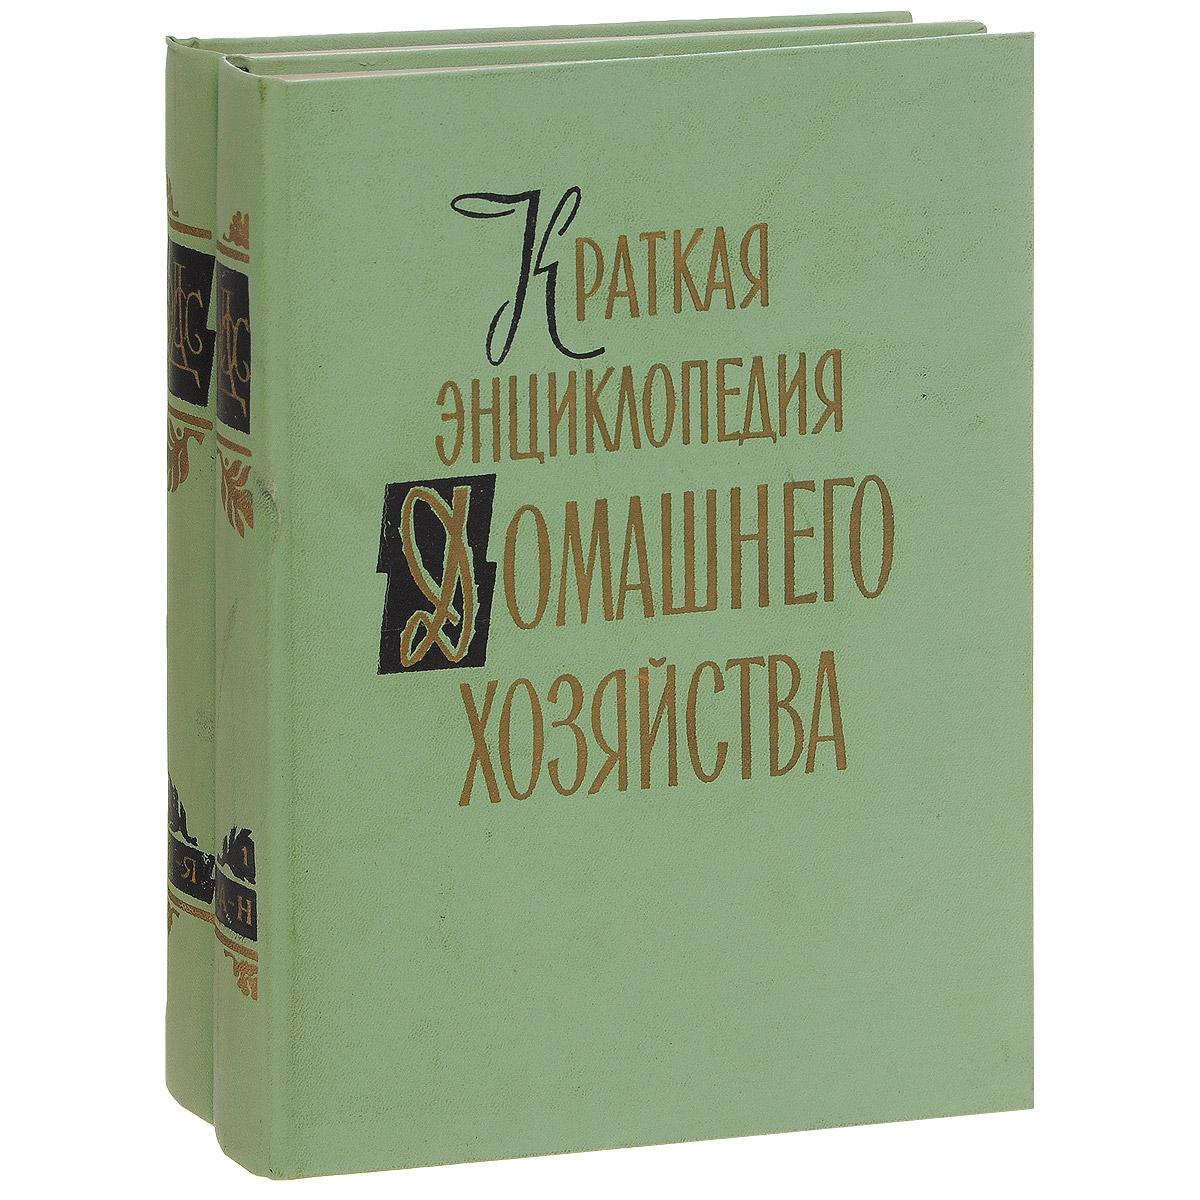 Краткая энциклопедия домашнего хозяйства (комплект из 2 книг) советское градостроительство 1917 1941 в двух книгах комплект из 2 книг